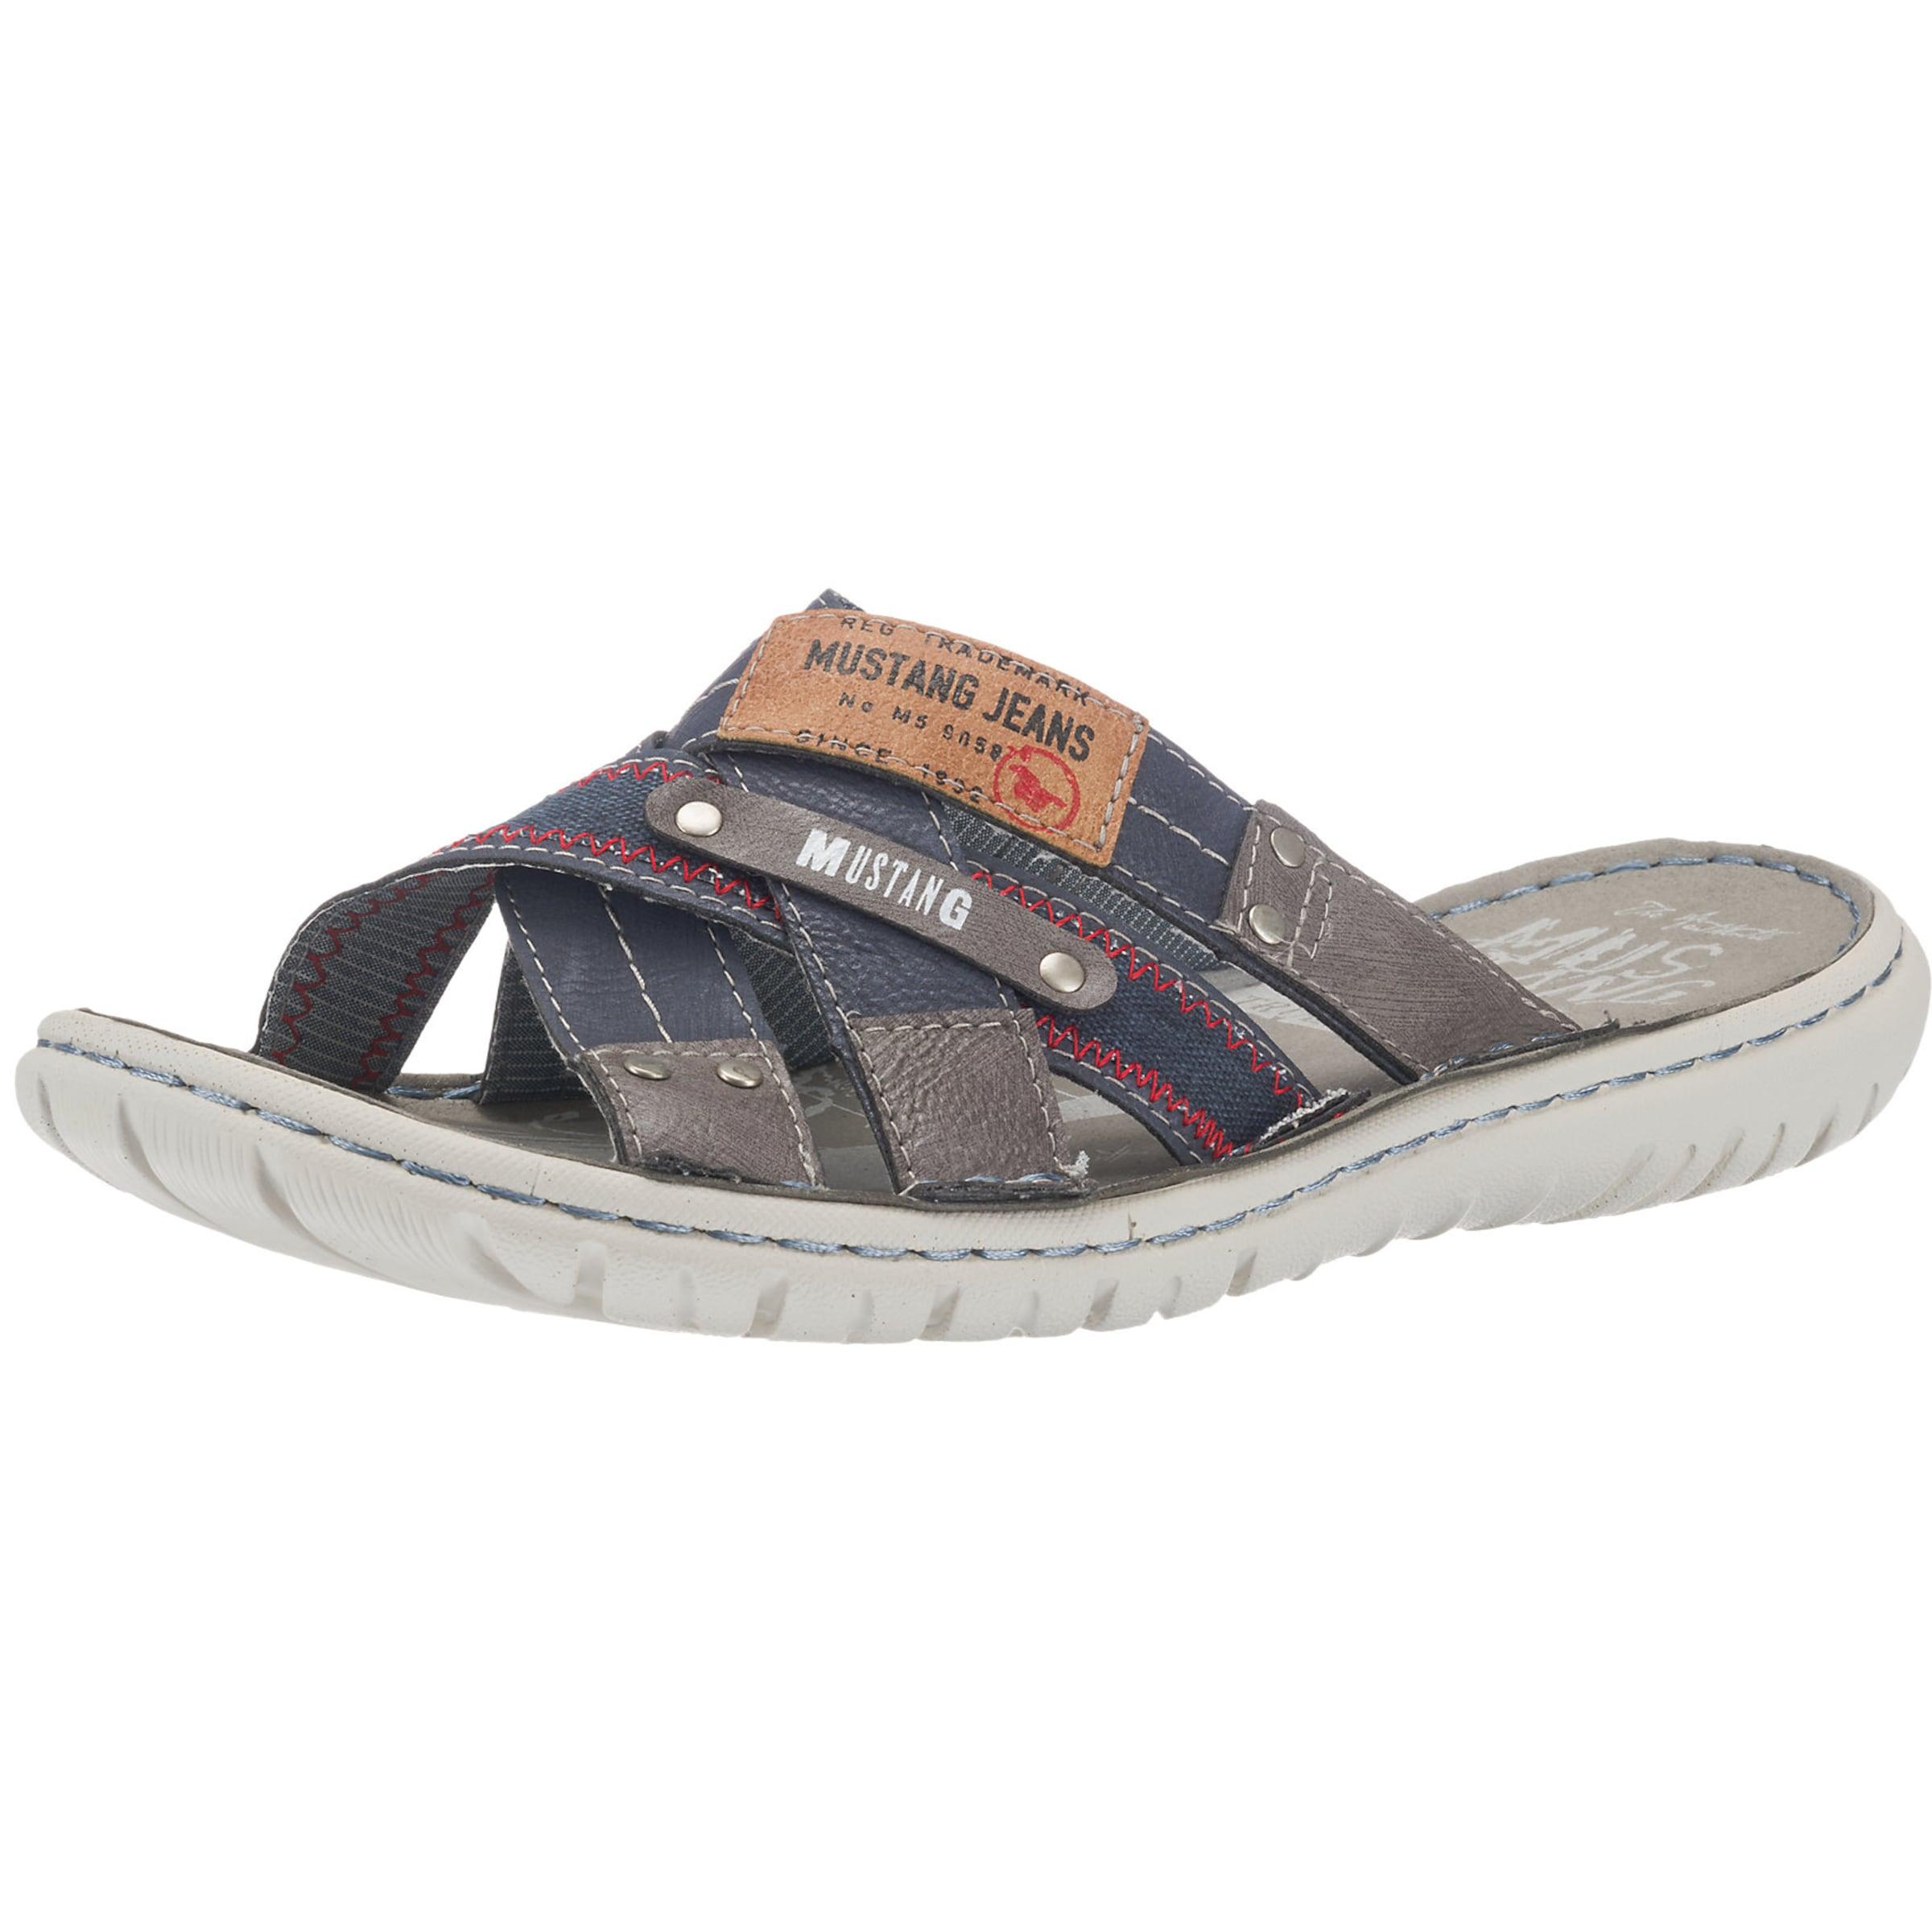 MUSTANG Pantolette Verschleißfeste billige Schuhe Hohe Qualität